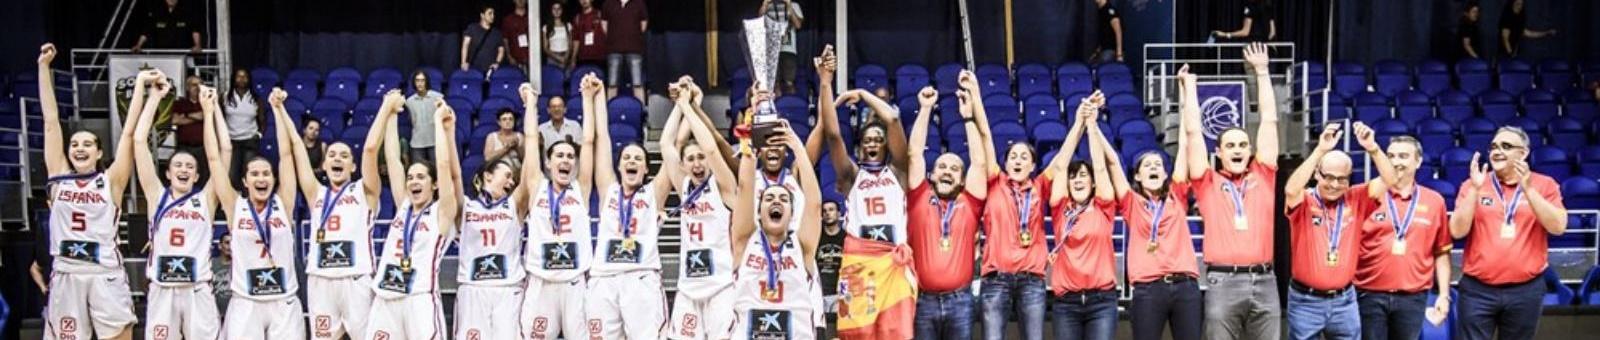 La selección española U20 Femenina, campeona de Europa